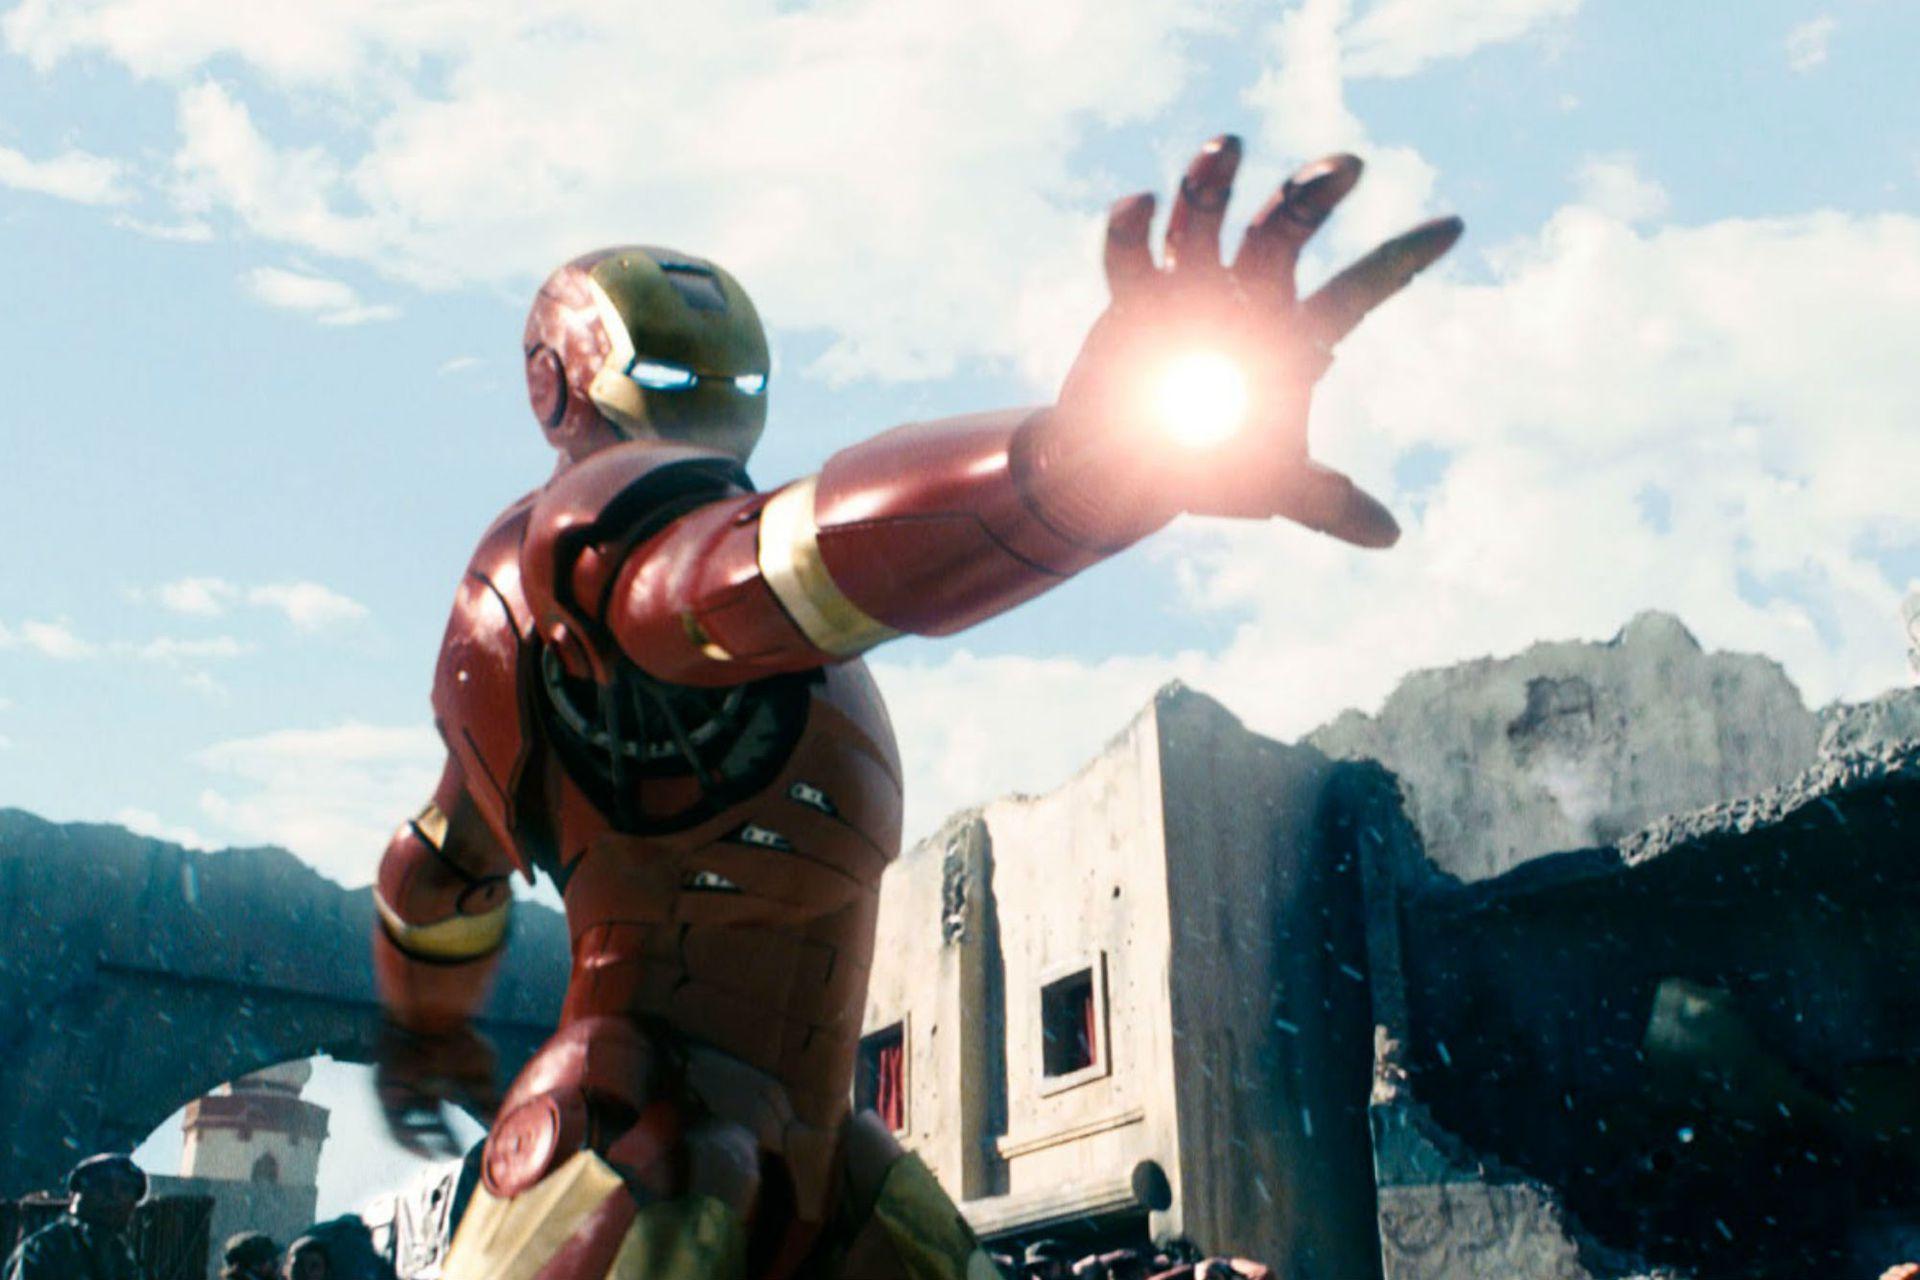 La tercera versión de la armadura debutó también en el primer film.